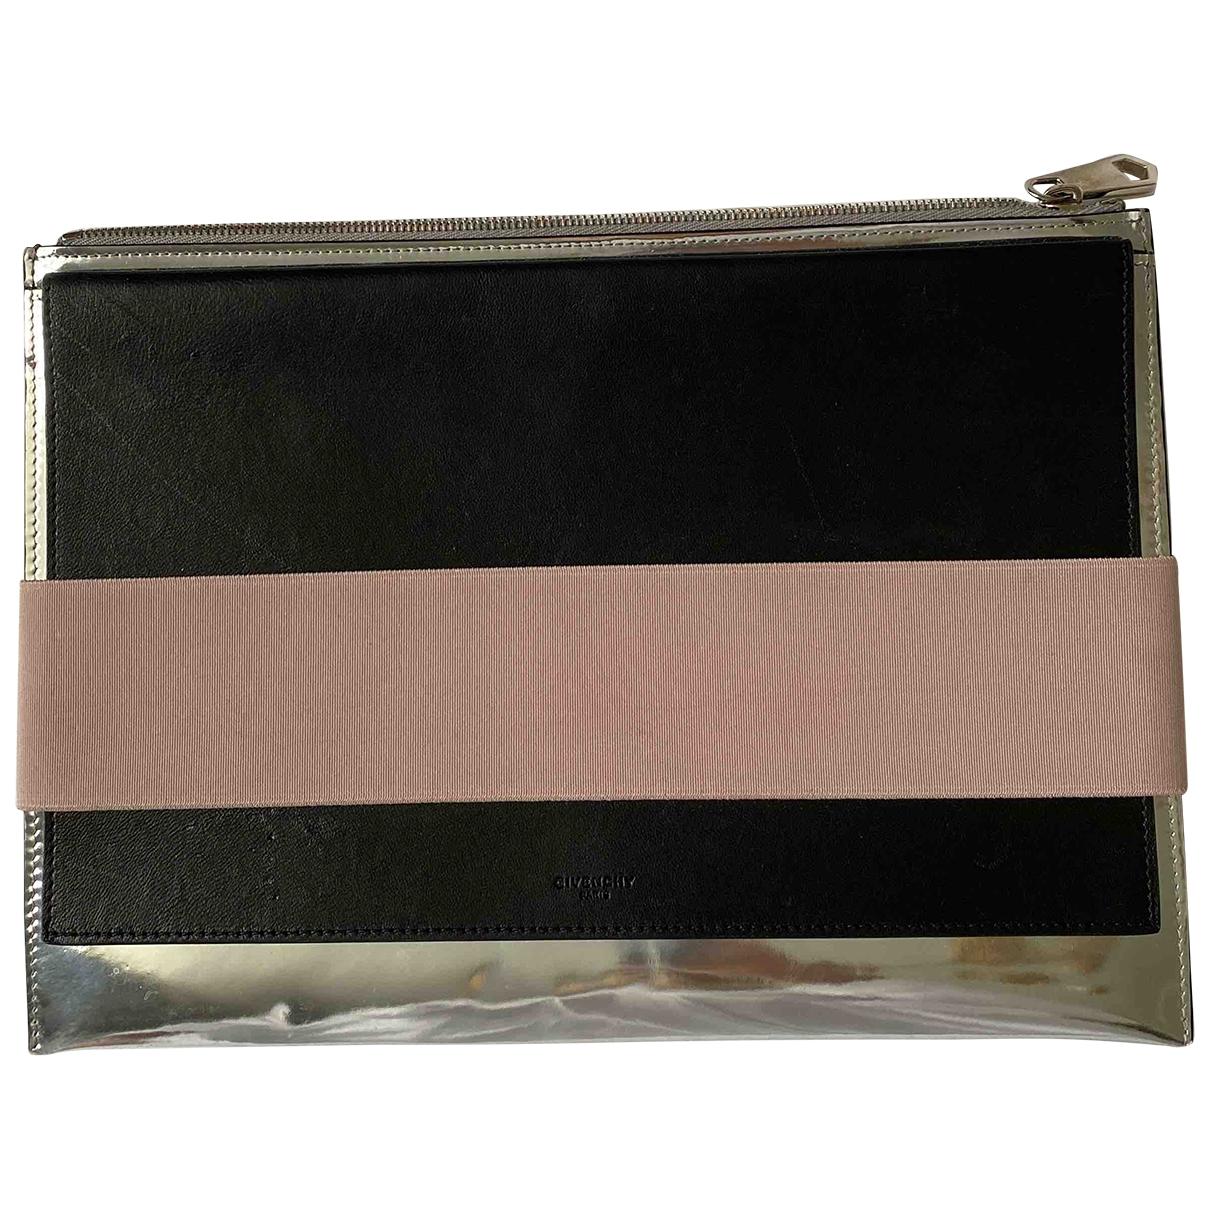 Givenchy - Pochette   pour femme en cuir verni - argente